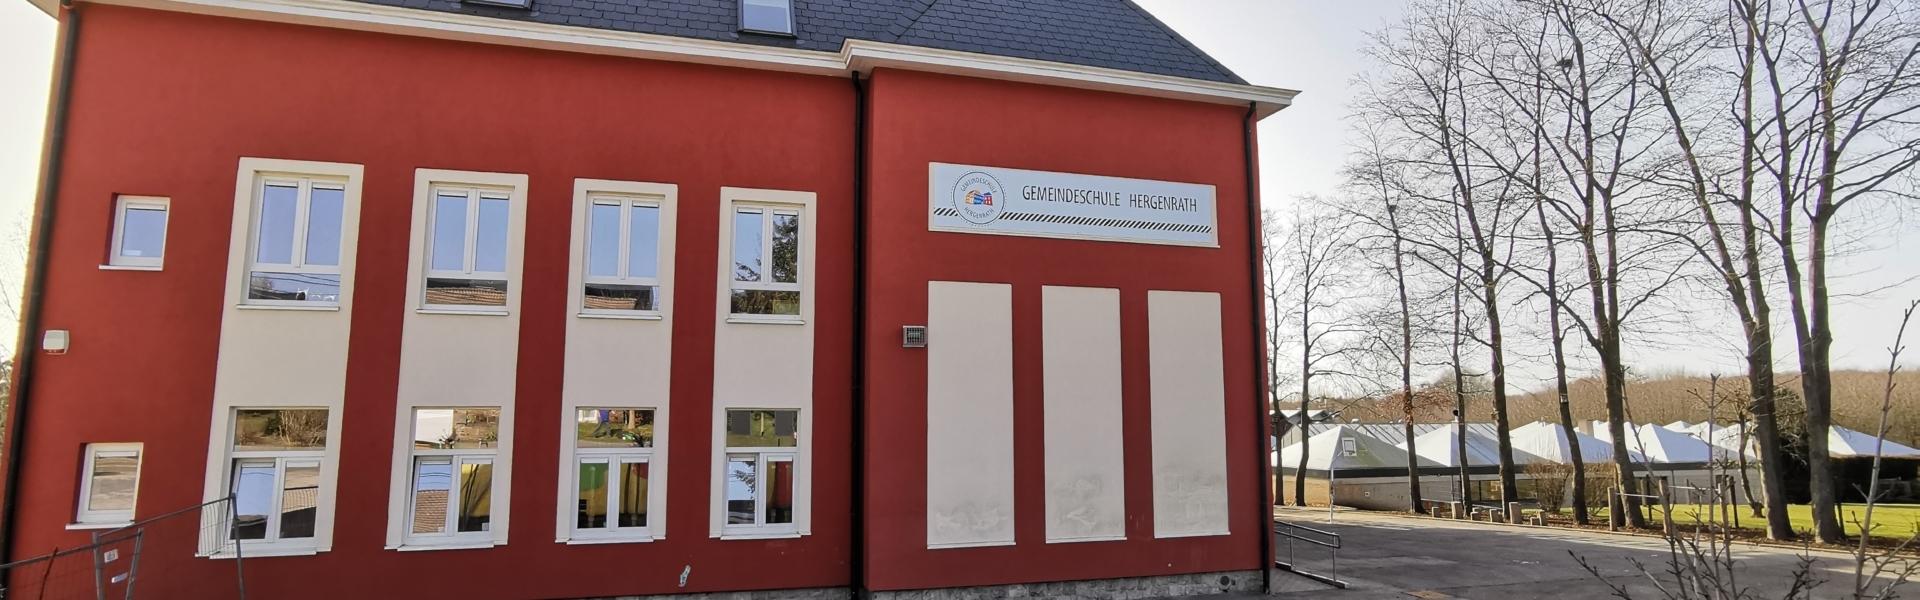 Die Gemeindeschule Hergenrath